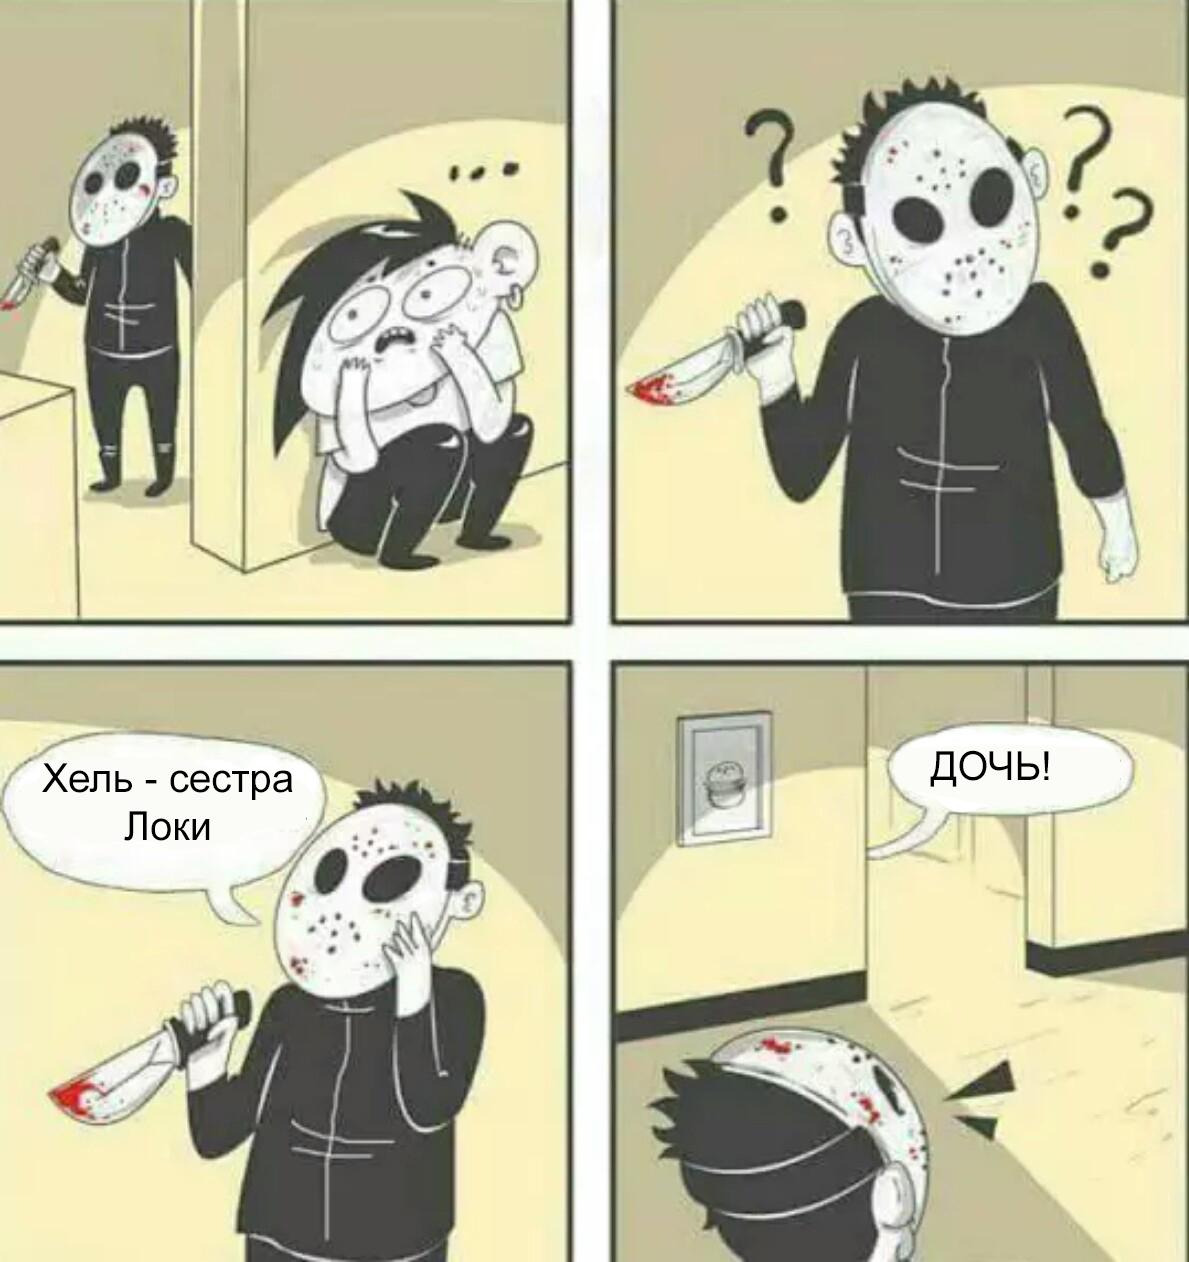 http://sh.uploads.ru/Zz6wo.jpg